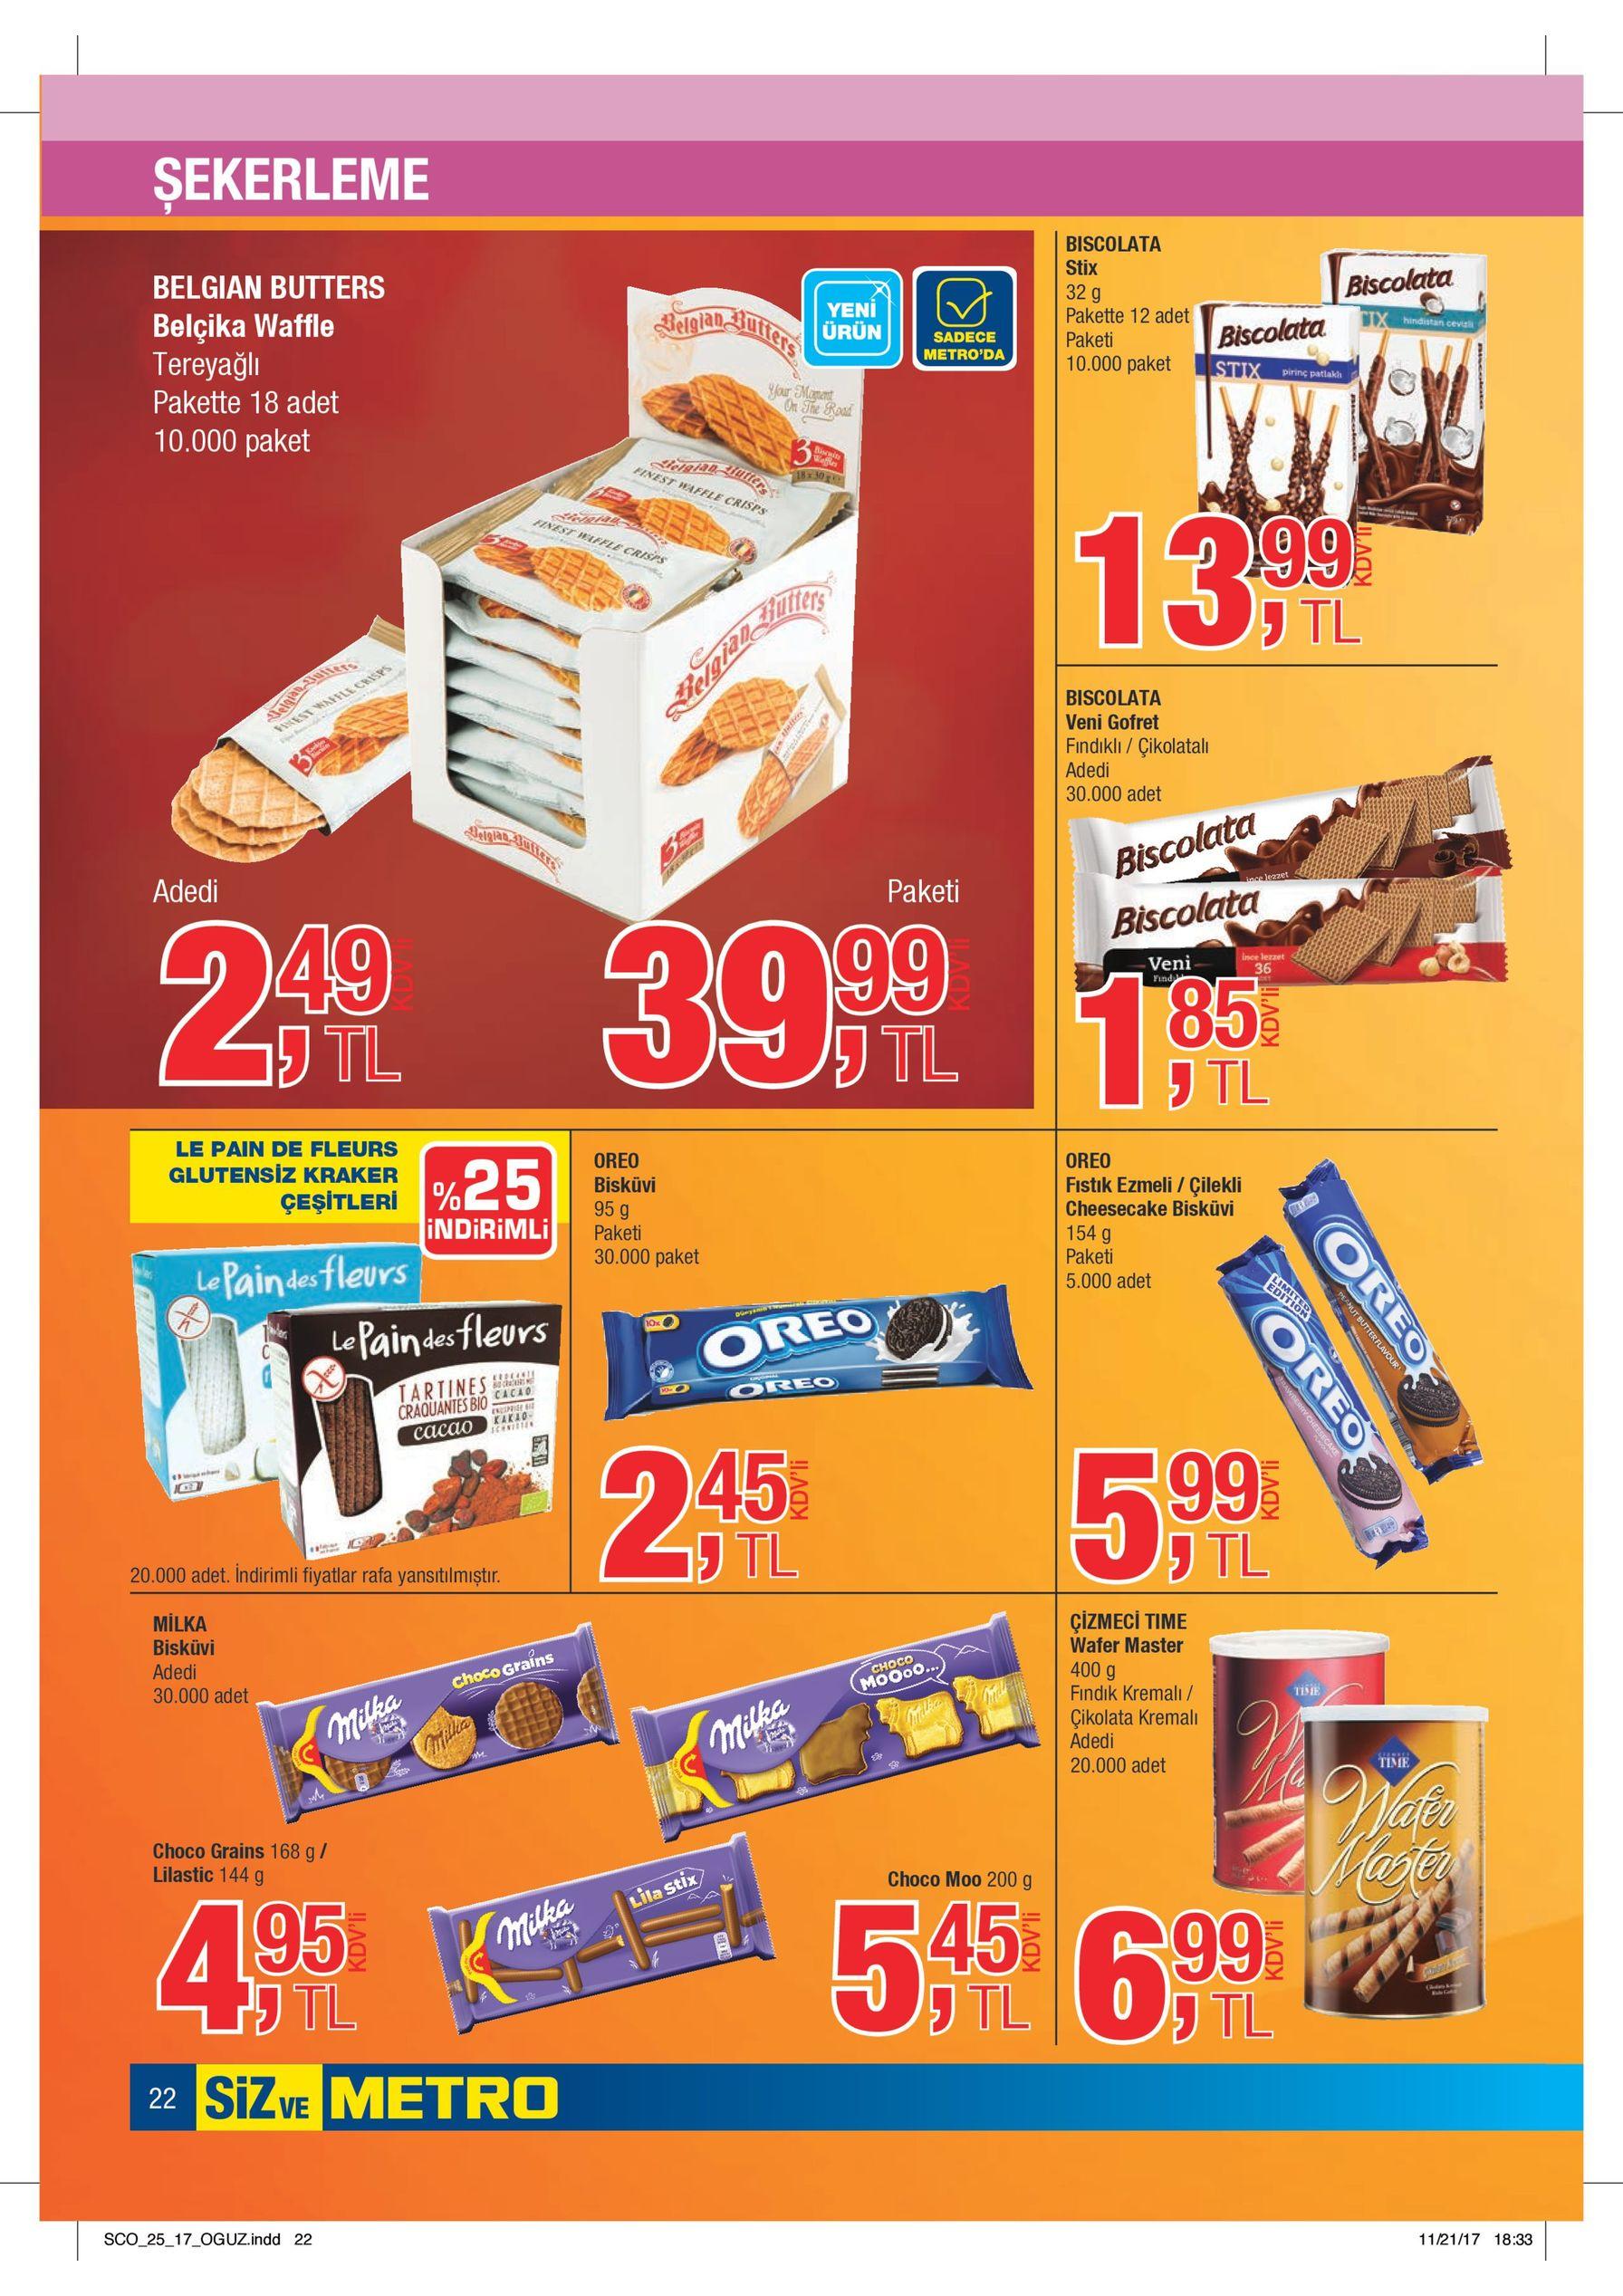 şekerleme biscolata belgian butters pakette 12 adet tereyağlıaffle 10.000 paket 10.000 paketdet 99 13 , biscolata adediklı / çikolatalı 30.000 adet adedi paketi 49 99 85 2 , 39 , 1 , le pain de fleuoreo oreo gluteçeşitindiripaketii 154 gecake bisküvilekli 30.000 paket 5.000 adet ,5 ,9 2milka adet. indirimli fiyatlar rafçizmeci timeştır. 30.000 adet fındık kremalı / adediata kremalı 20.000 adet lilastic 144 g68 g / choco moo 200 g 4 ,5 5 ,5 ,9 6 22